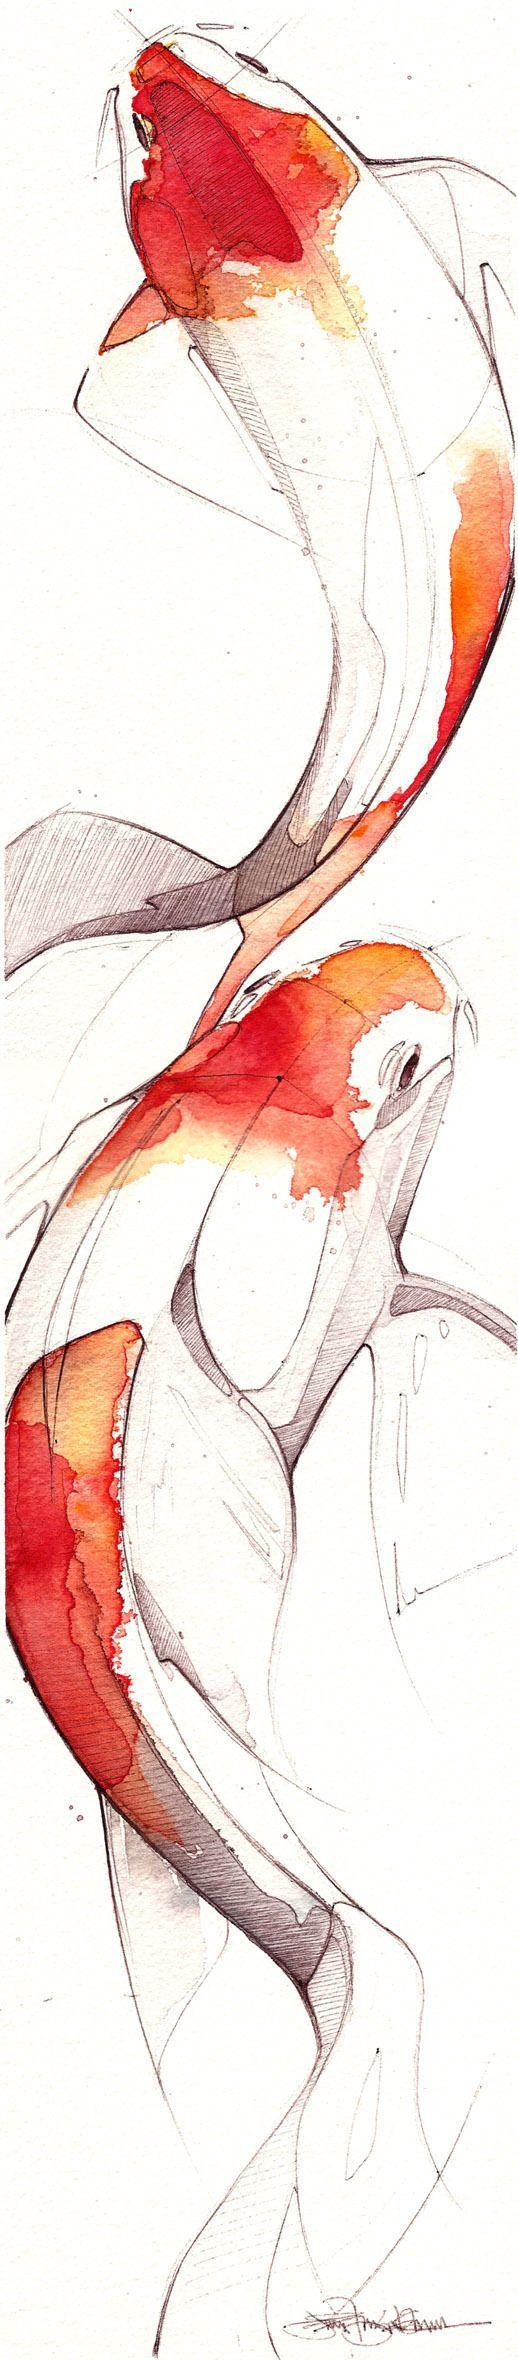 Leyenda: El pez Koi fue capaz de ascender por el cauce del río Amarillo de China y escalar una de sus cascadas. Como recompensa, fue convertido en dragón, motivo por el que esta carpa luce una apariencia similar a la de estas criaturas mitológicas.  Significado: Superación y autorrealización.